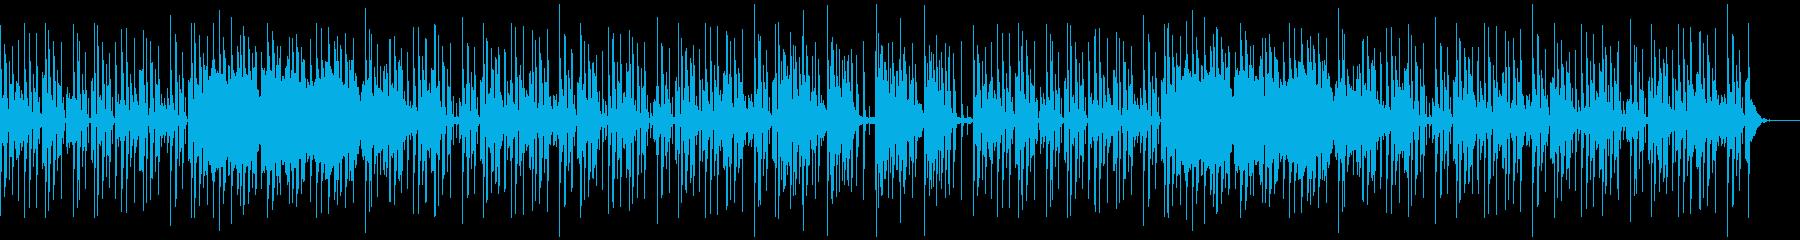 ピアノを使ったクールな感じのエレポップの再生済みの波形